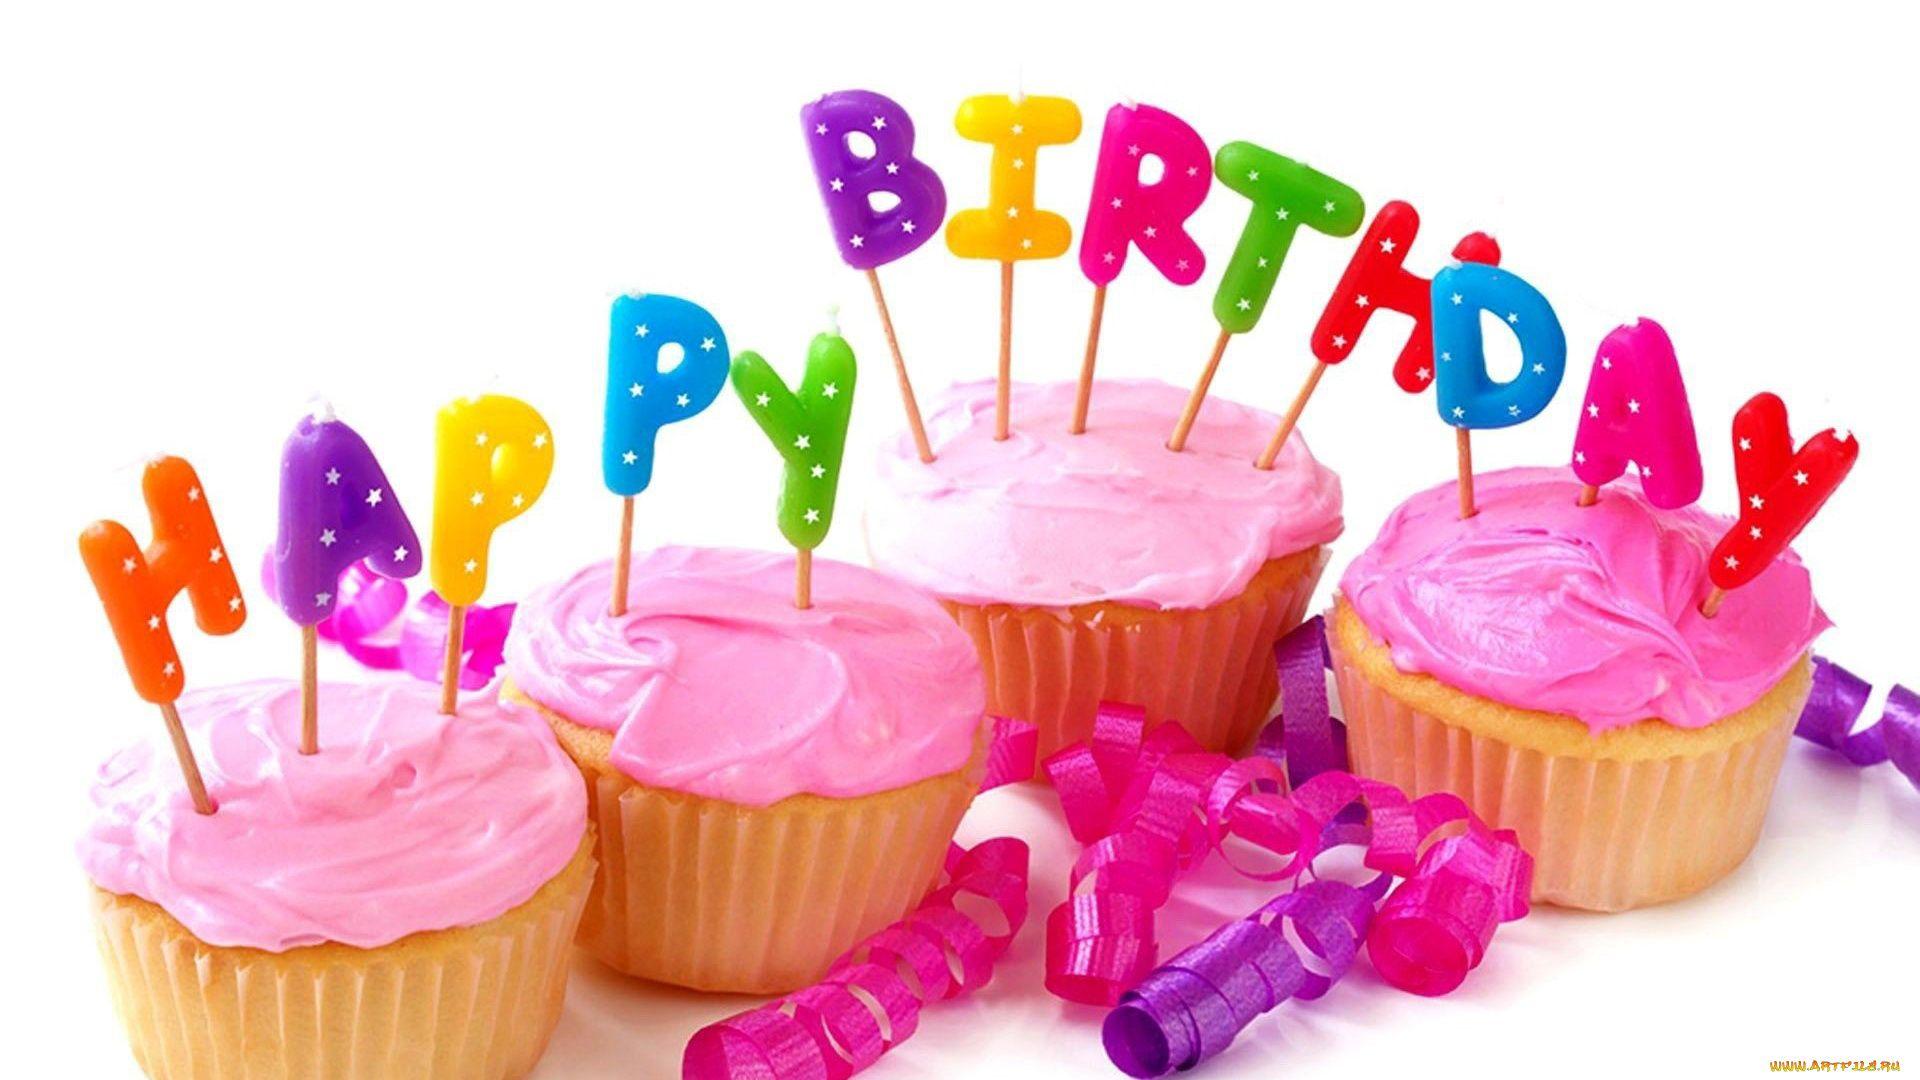 Birthday Cake wallpaper photo